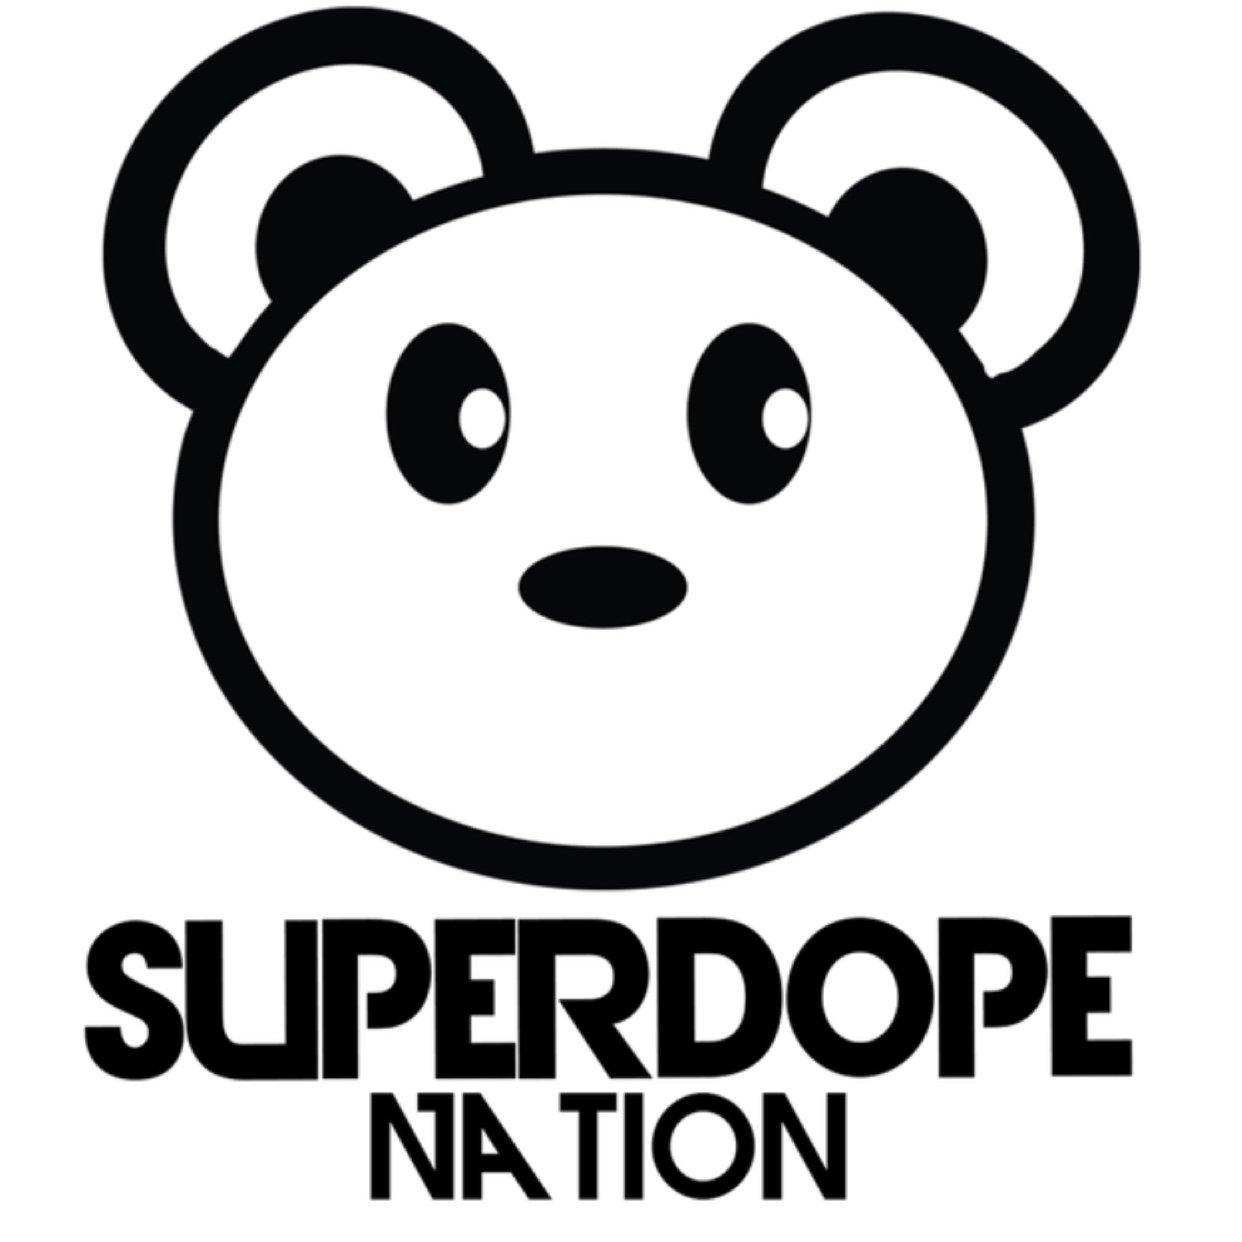 SuperDope Nation